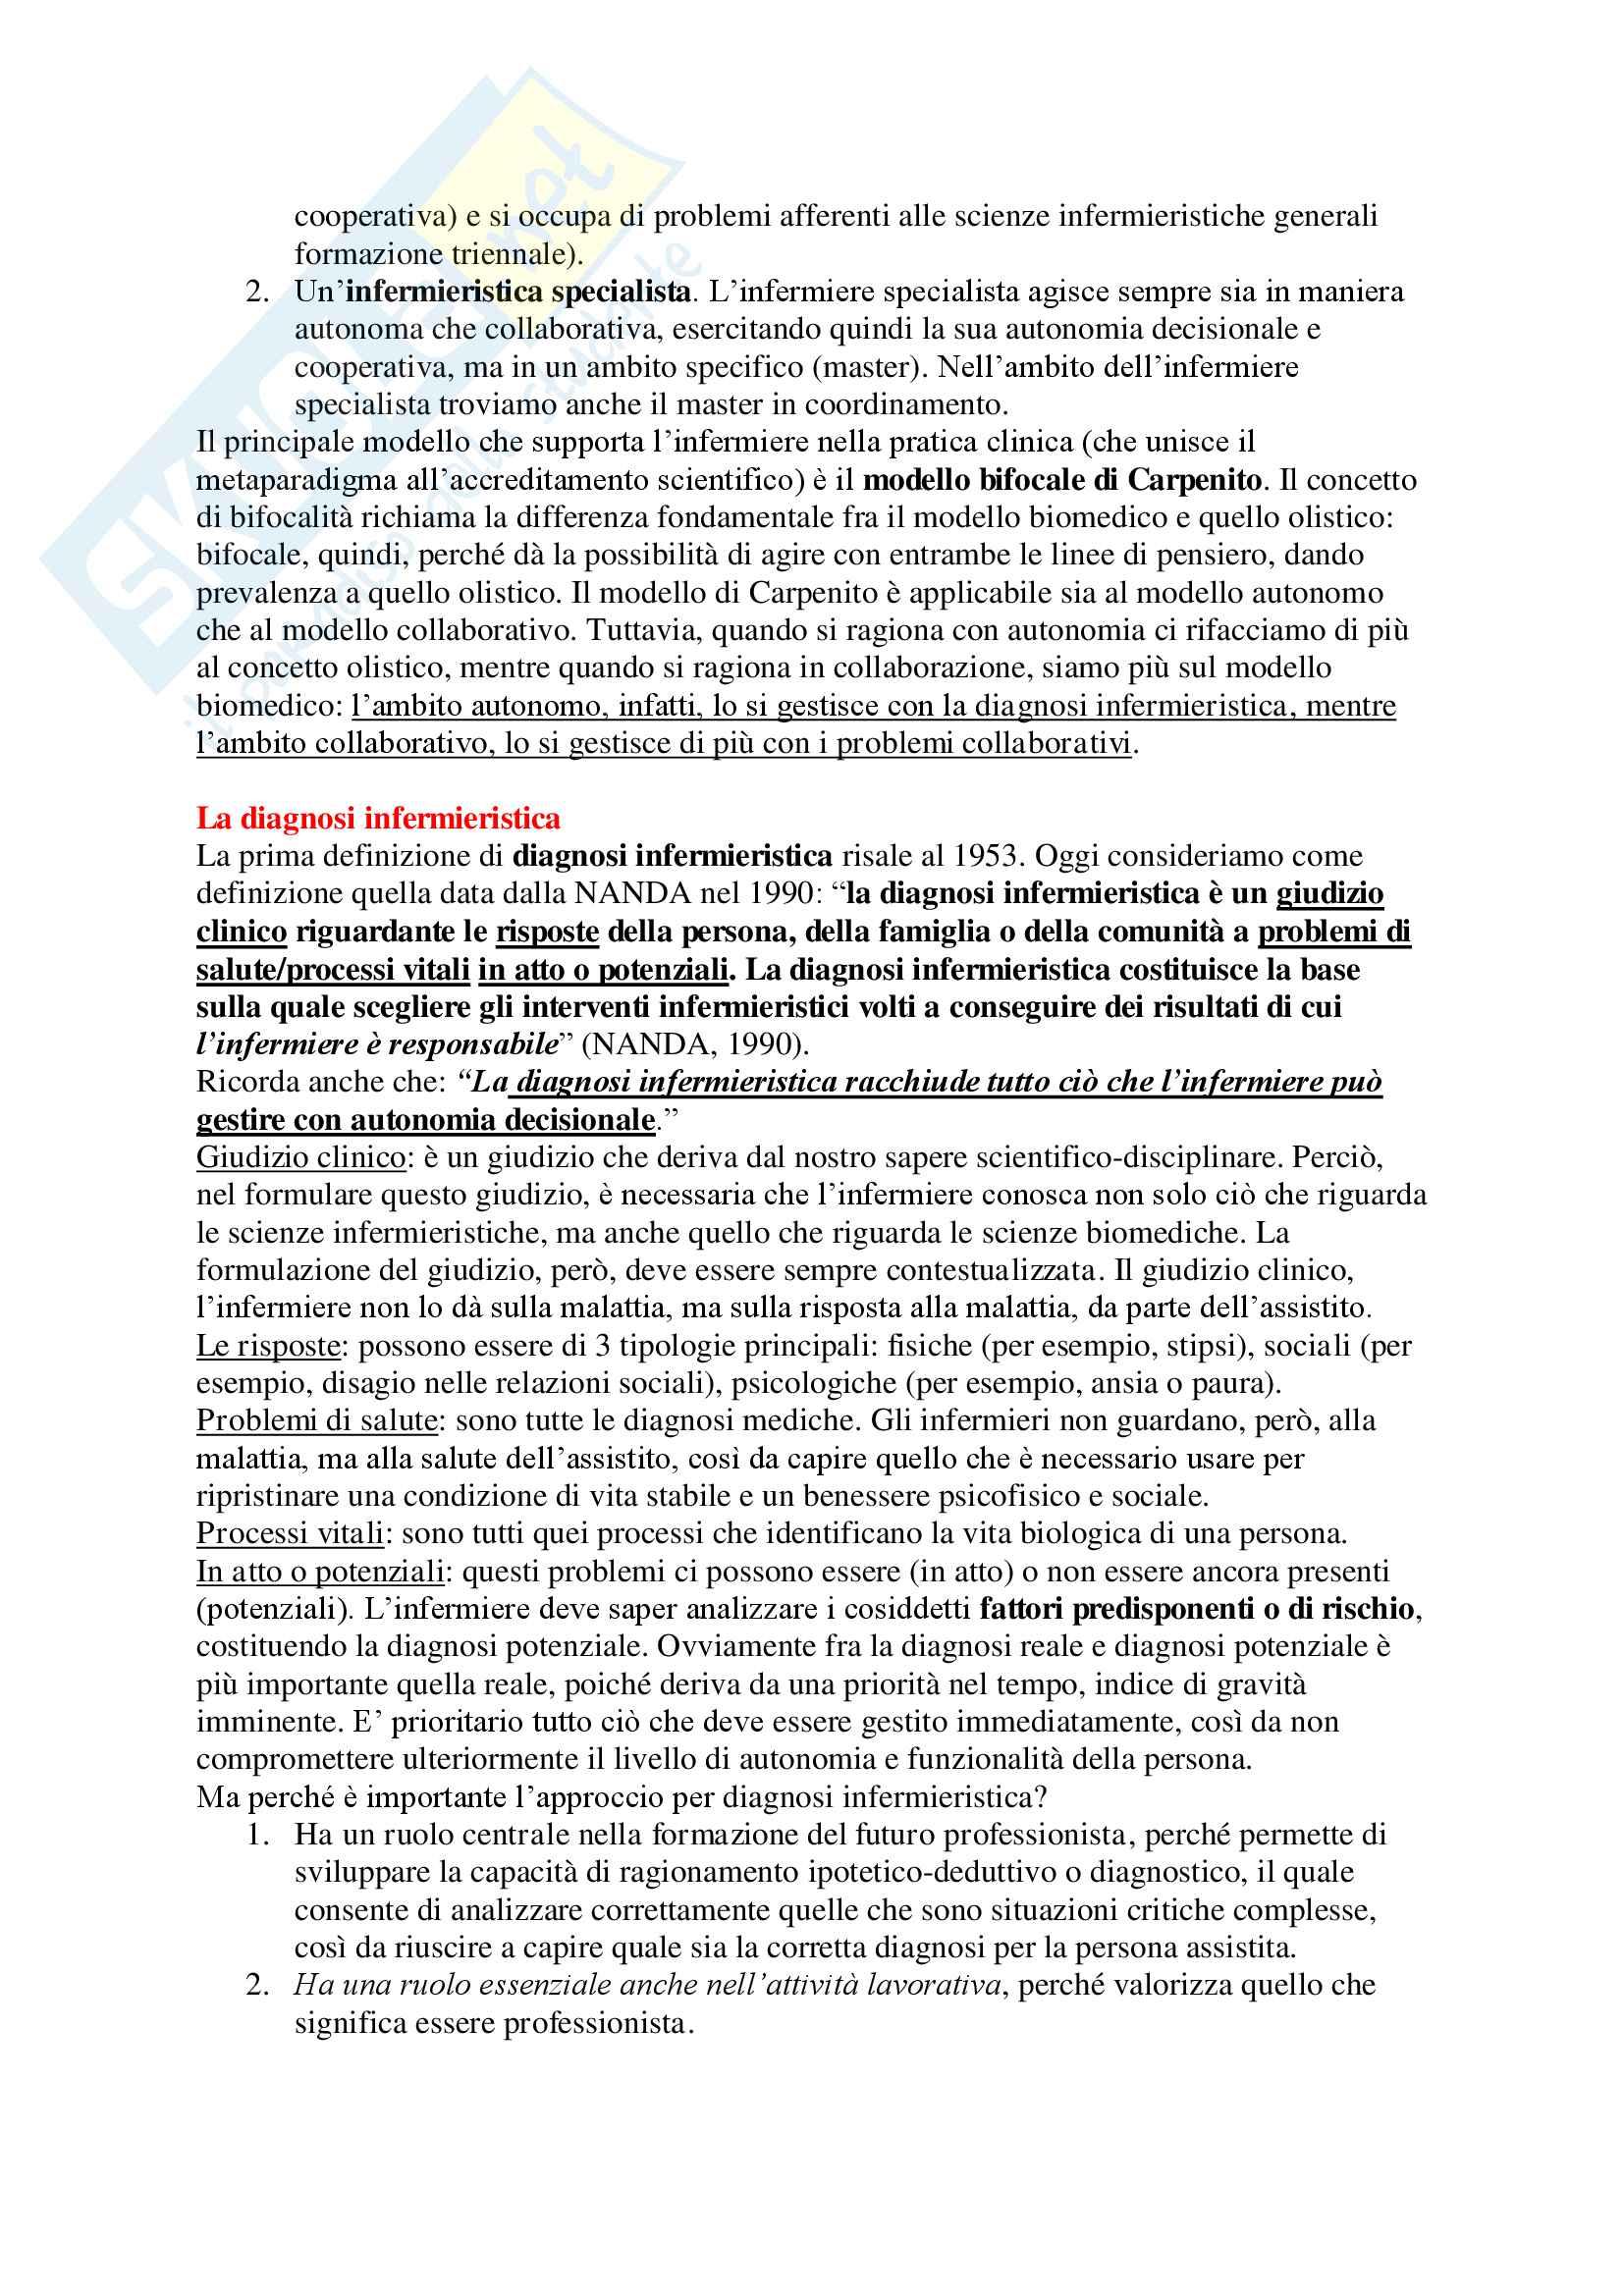 Metodologia Infermieristica - Appunti Completi Pag. 6